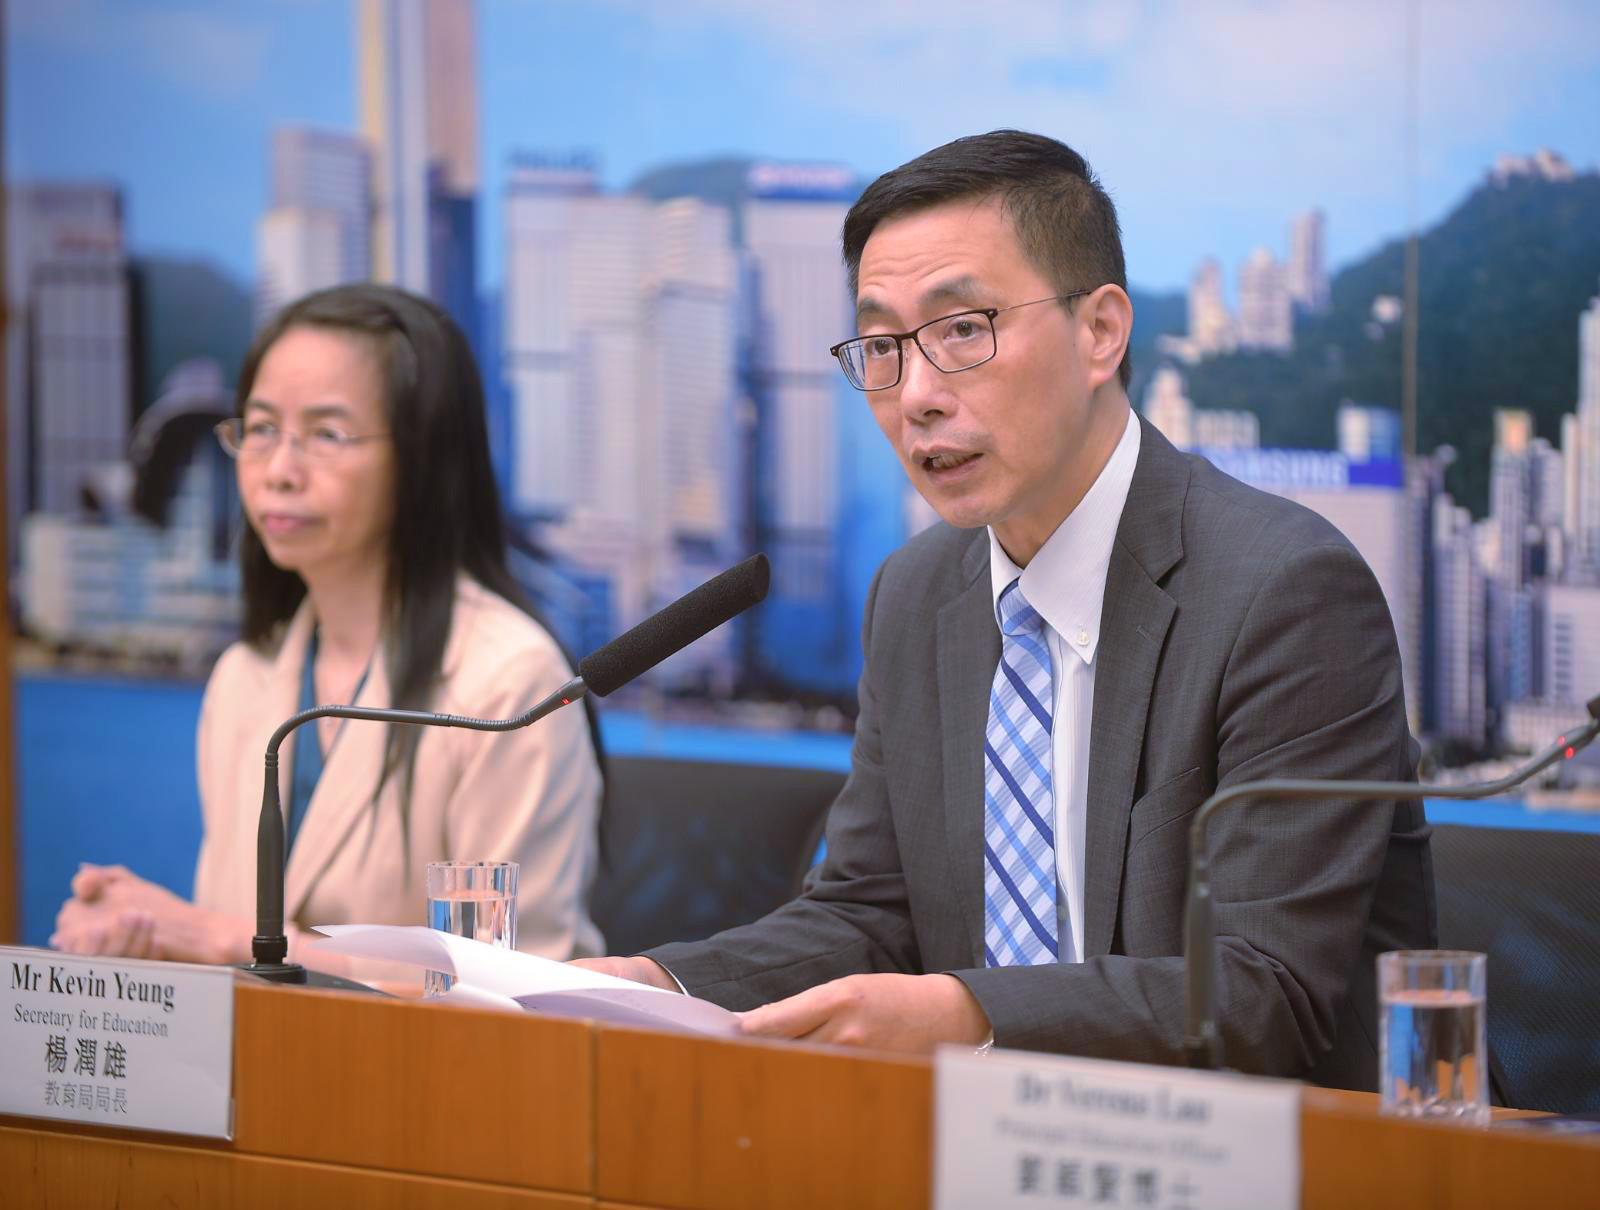 楊潤雄(右)呼籲教師不應剝削學生正常上課學習機會。